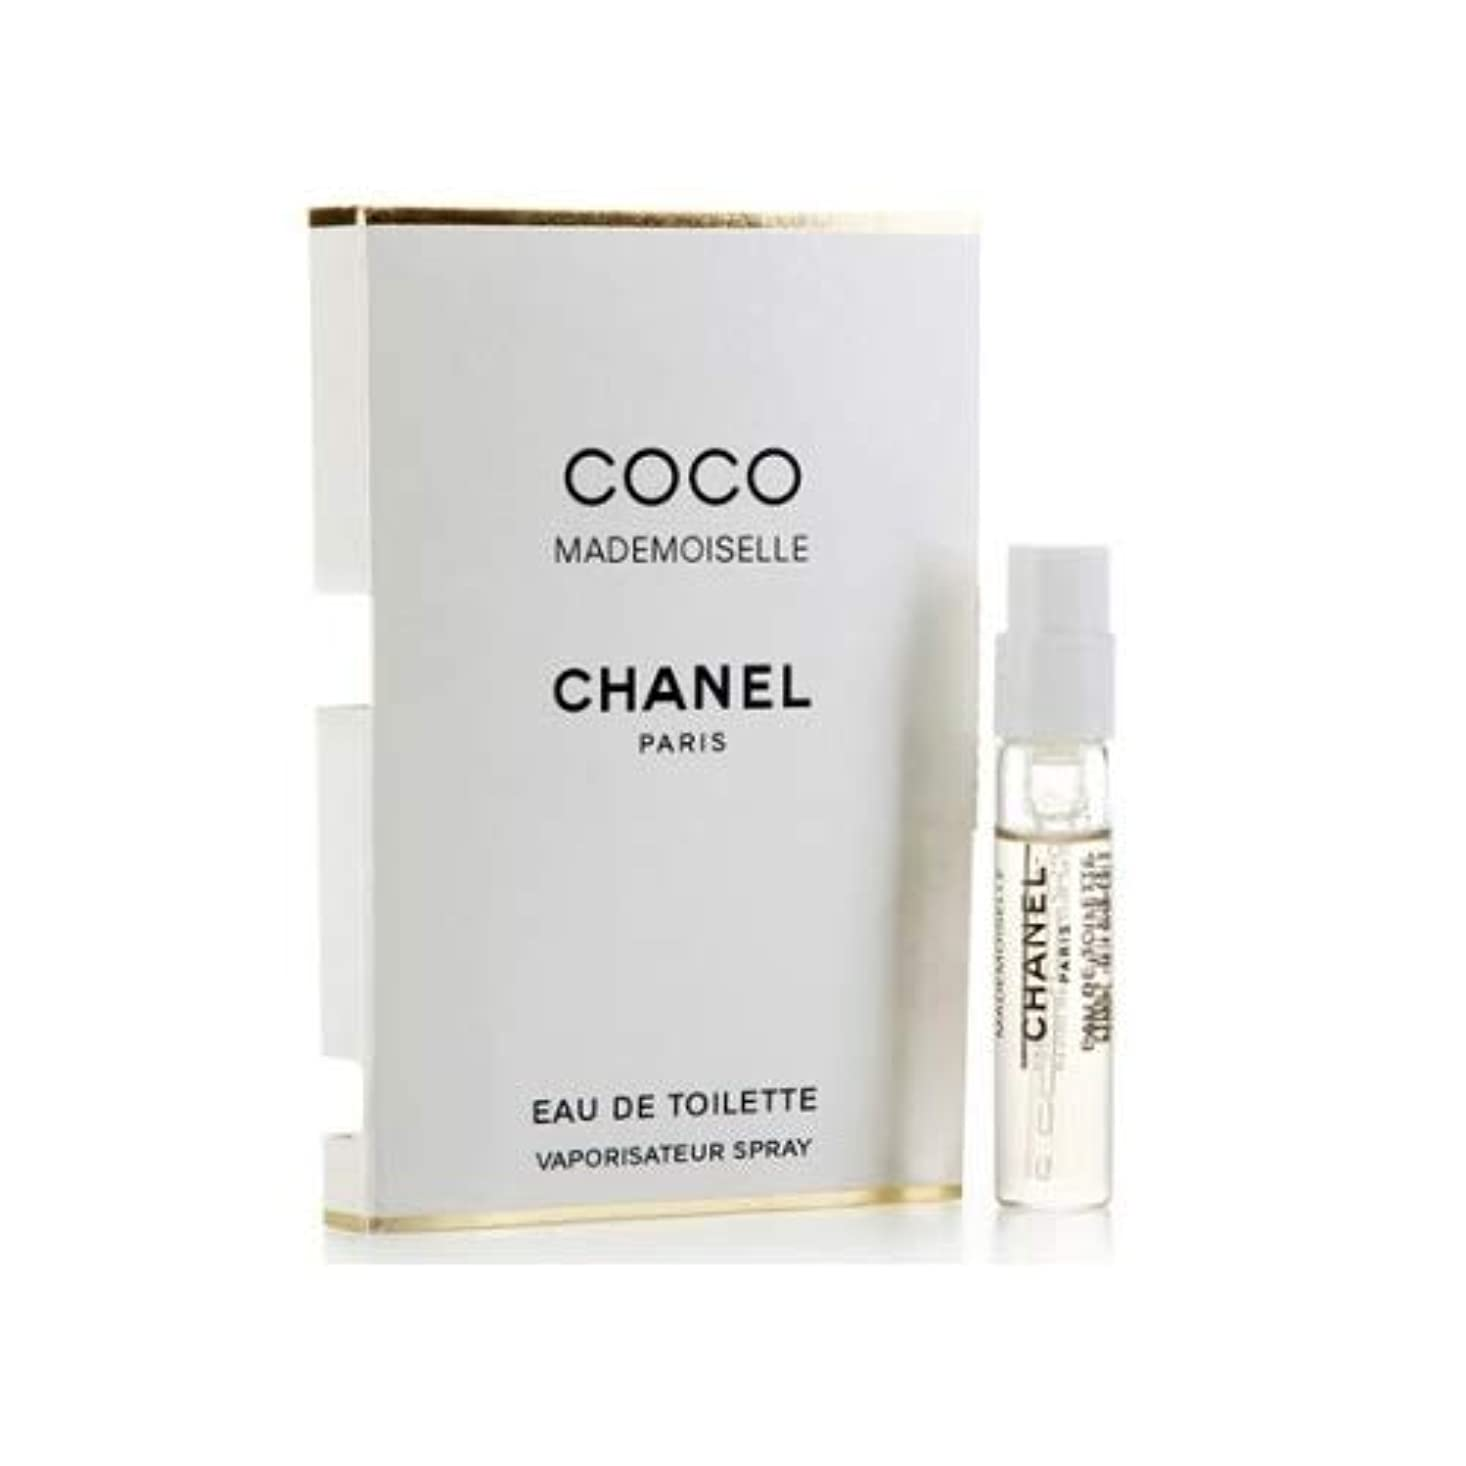 背が高い未使用摩擦シャネル ココ マドモアゼル EDT スプレー 1.5ml ミニ香水 CHANEL